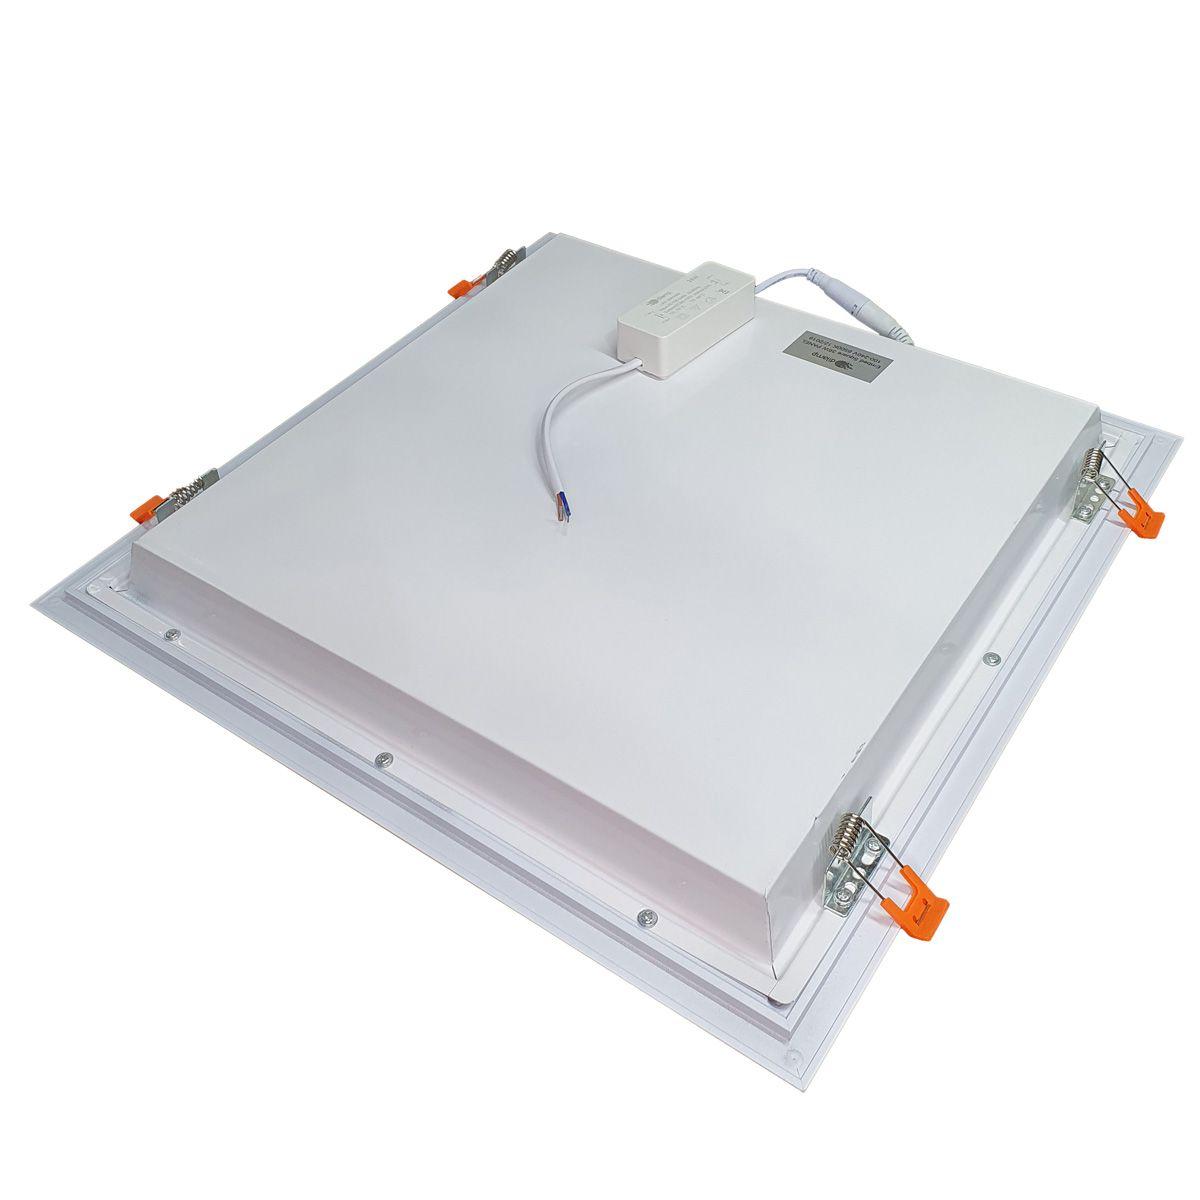 Painel Plafon LED 36w Quadrado Luminaria Embutir Branco Luz Quente